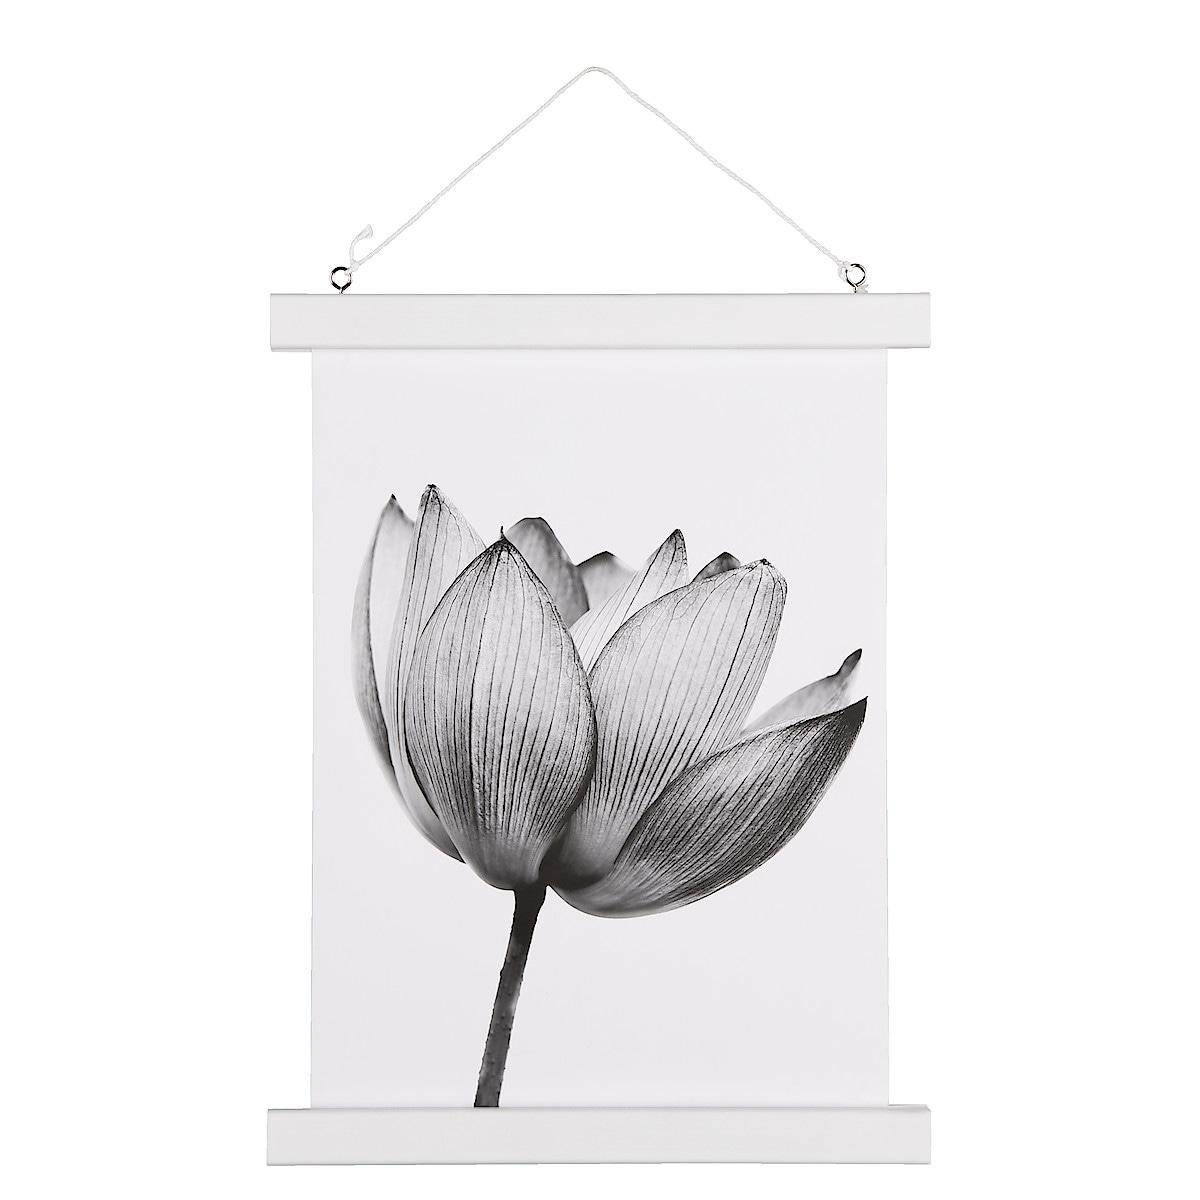 White Poster Hanger, 24 cm